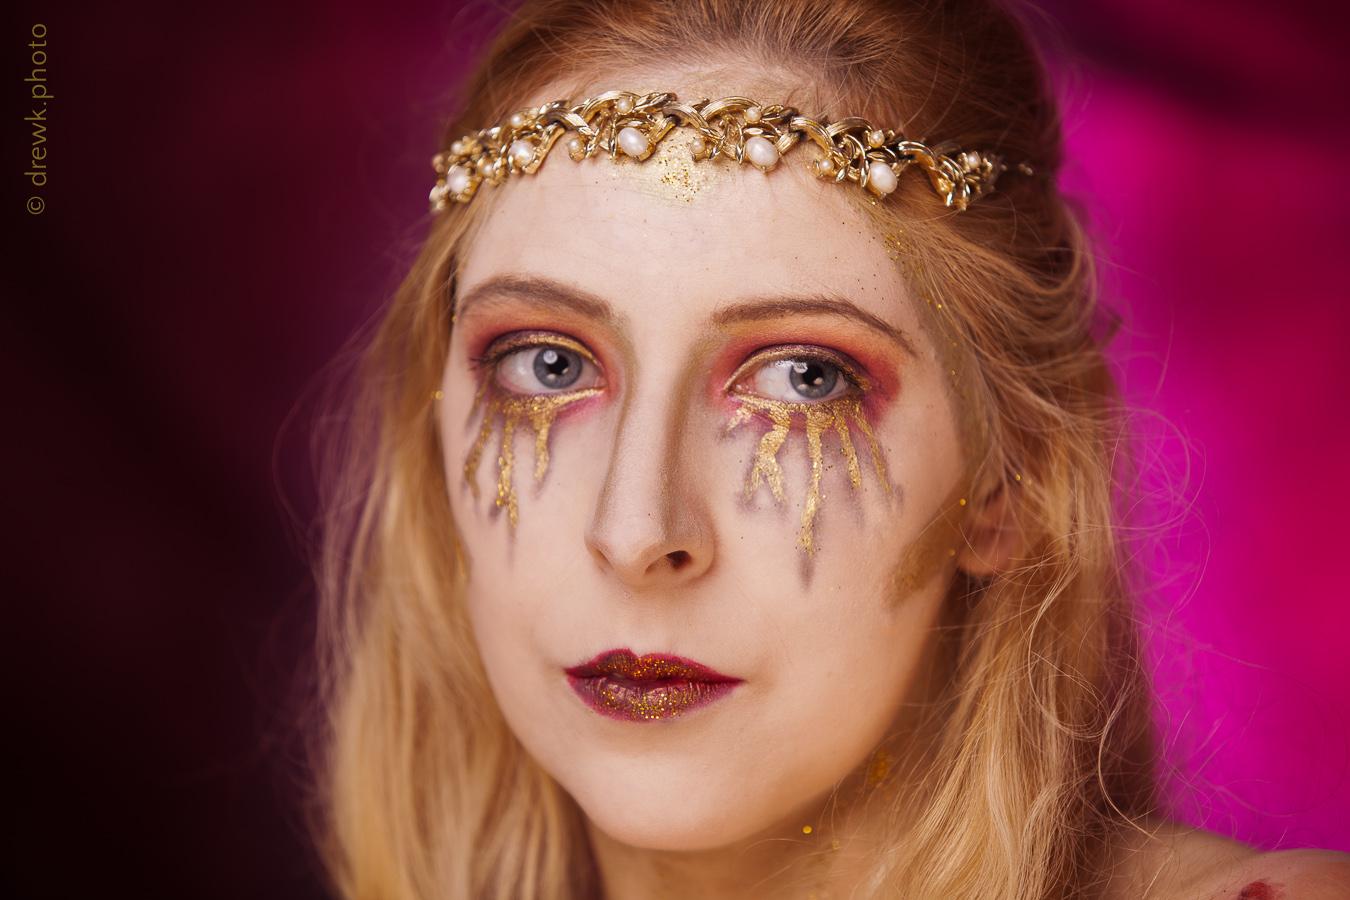 Persephone Model : Nenedhel<br/> Hair & Makeup Artist : Tamaris Orton